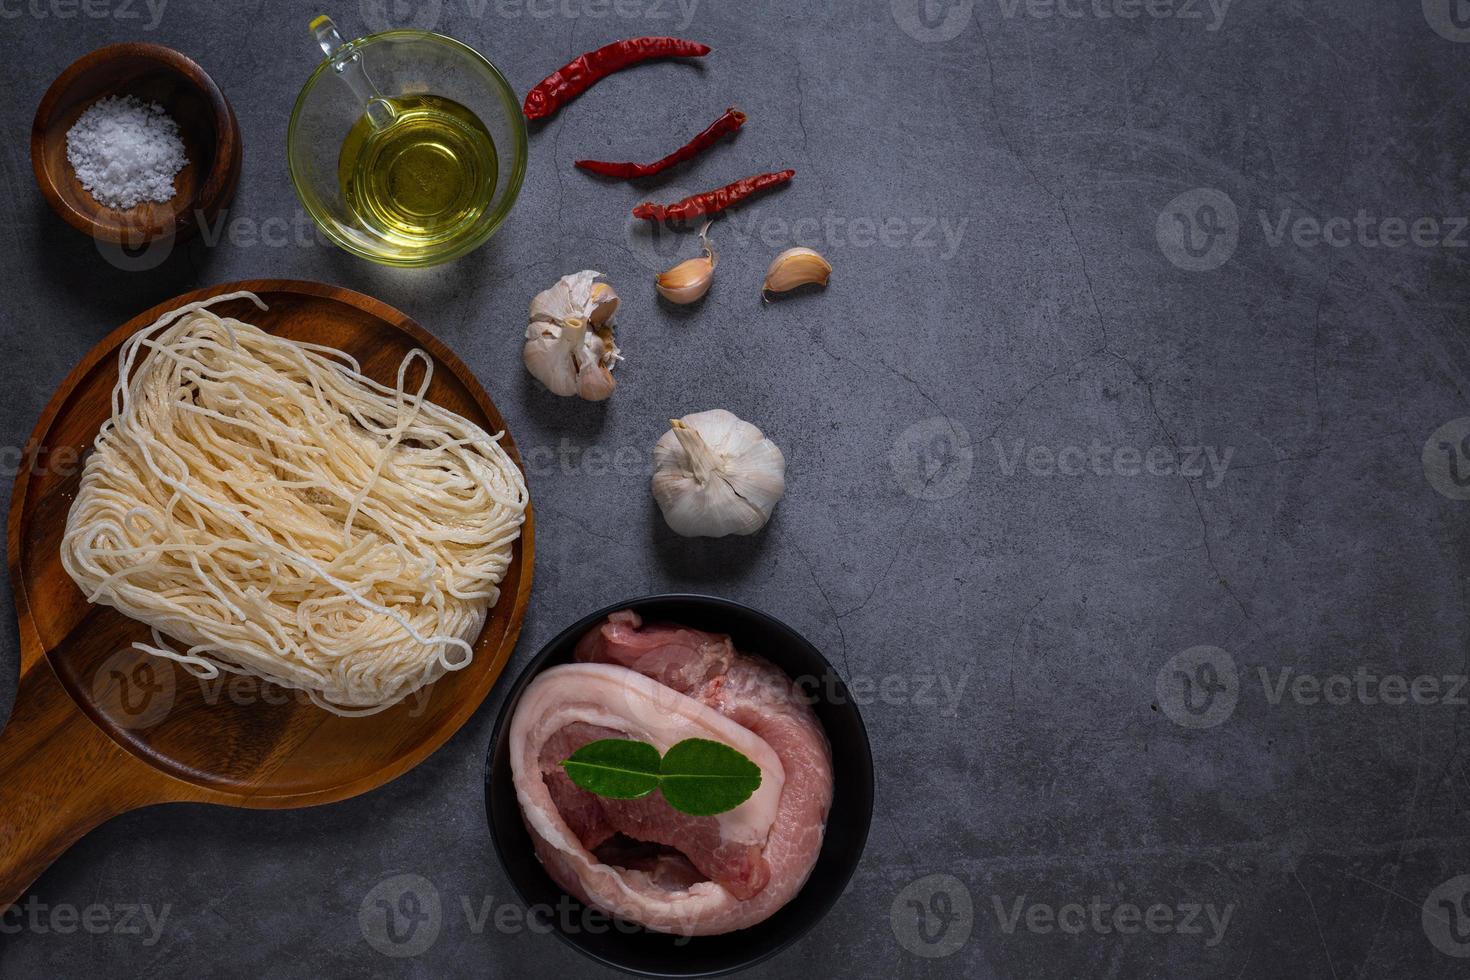 färskt rått kött på en tallrik foto